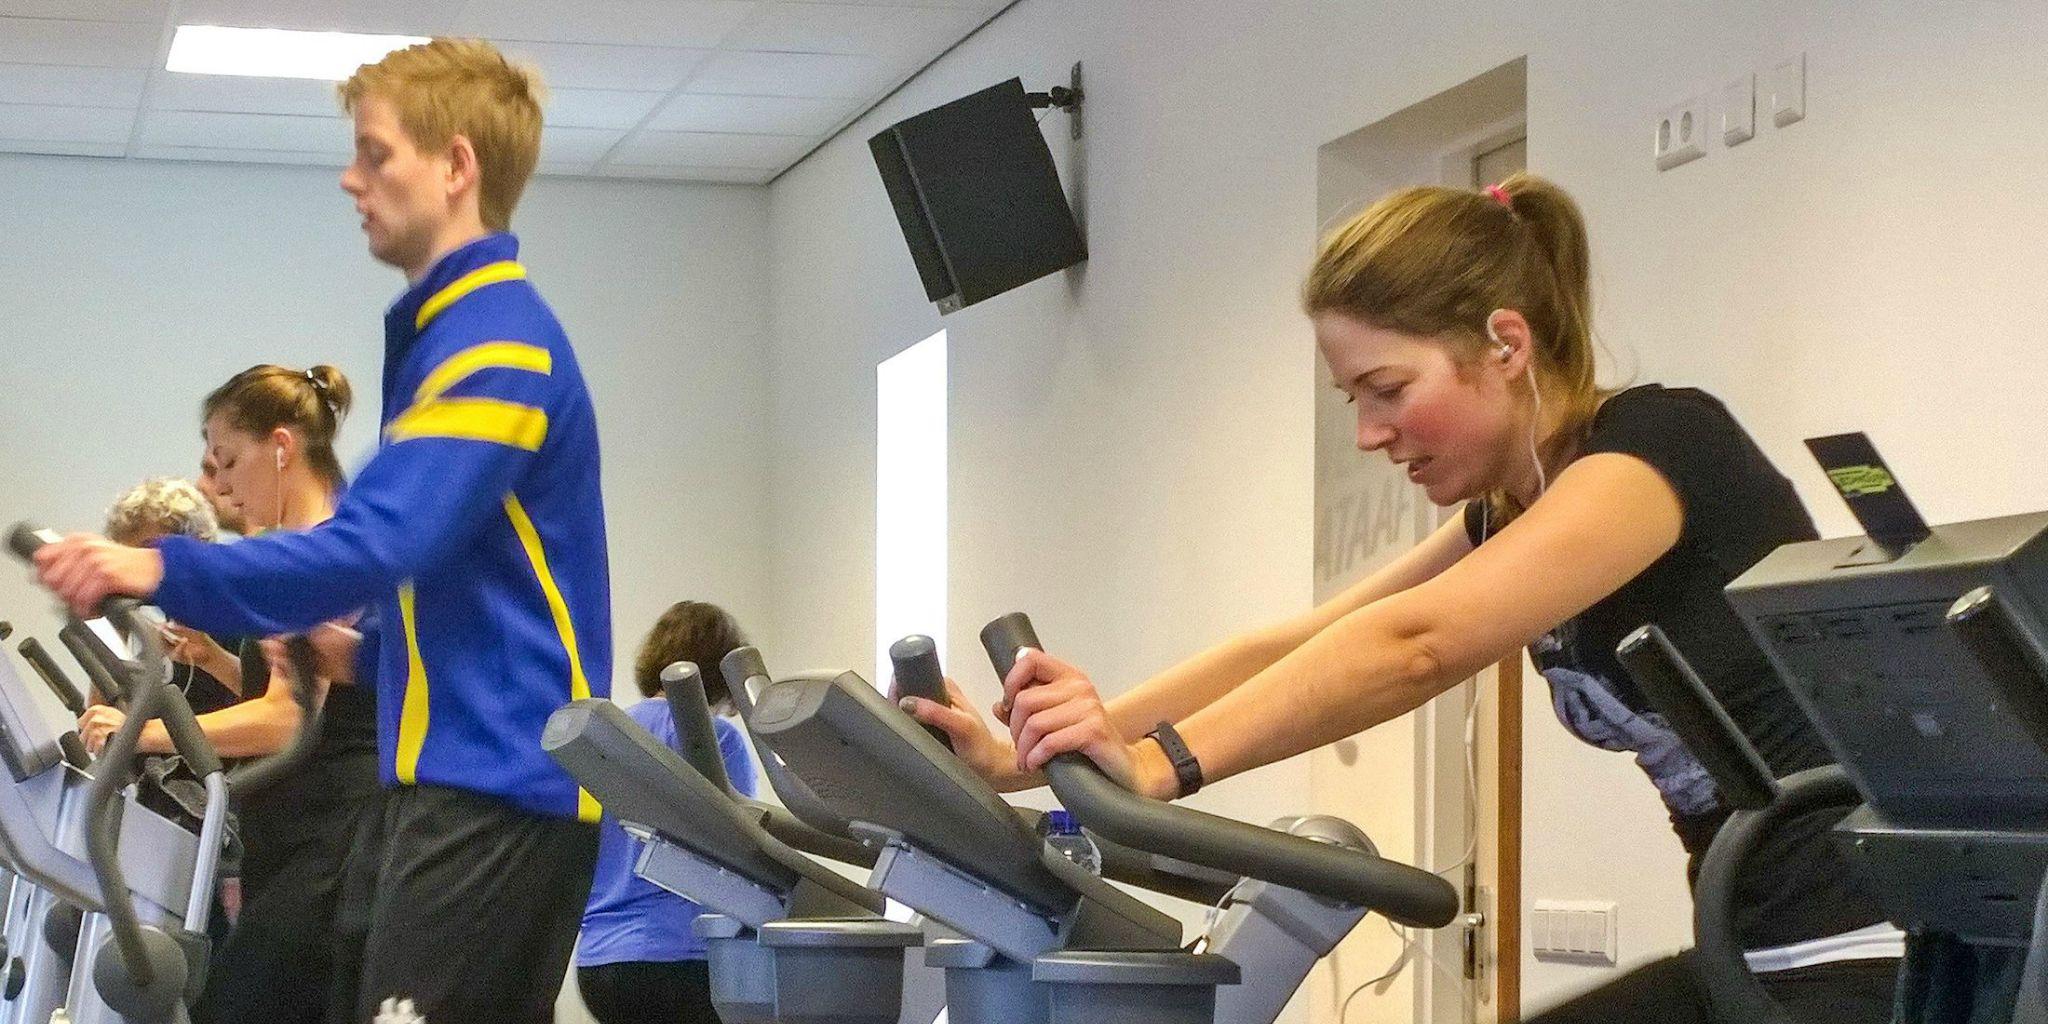 Fitness de Bataaf is gespecialiseerd in Cardiofitness Den Haag.